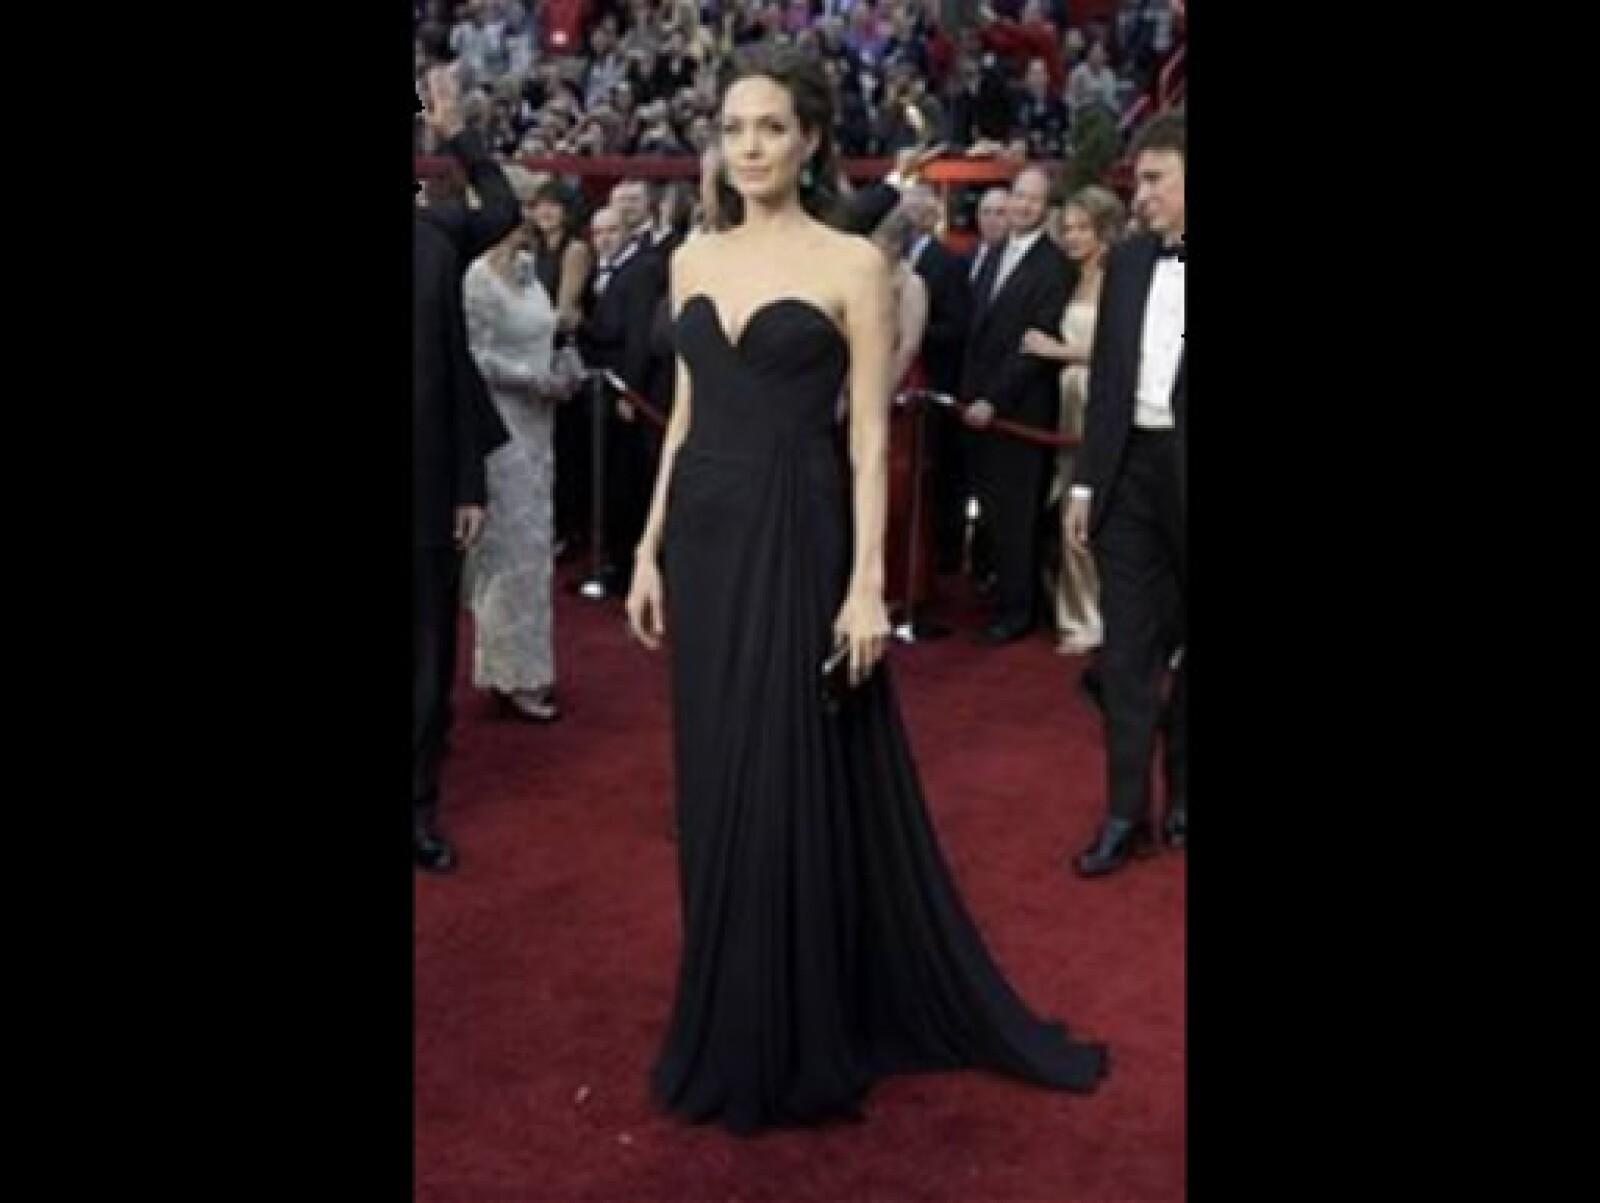 La nominada a mejor actriz, llevó un diseño de Elie Saab Couture negro strapless, aunque lo que realmente llamó la atención fueron su anillo de 65 quilates y aretes a juego de 115 quilates de esmeralda de Lorraine Schwartz, combinados con zafiros.